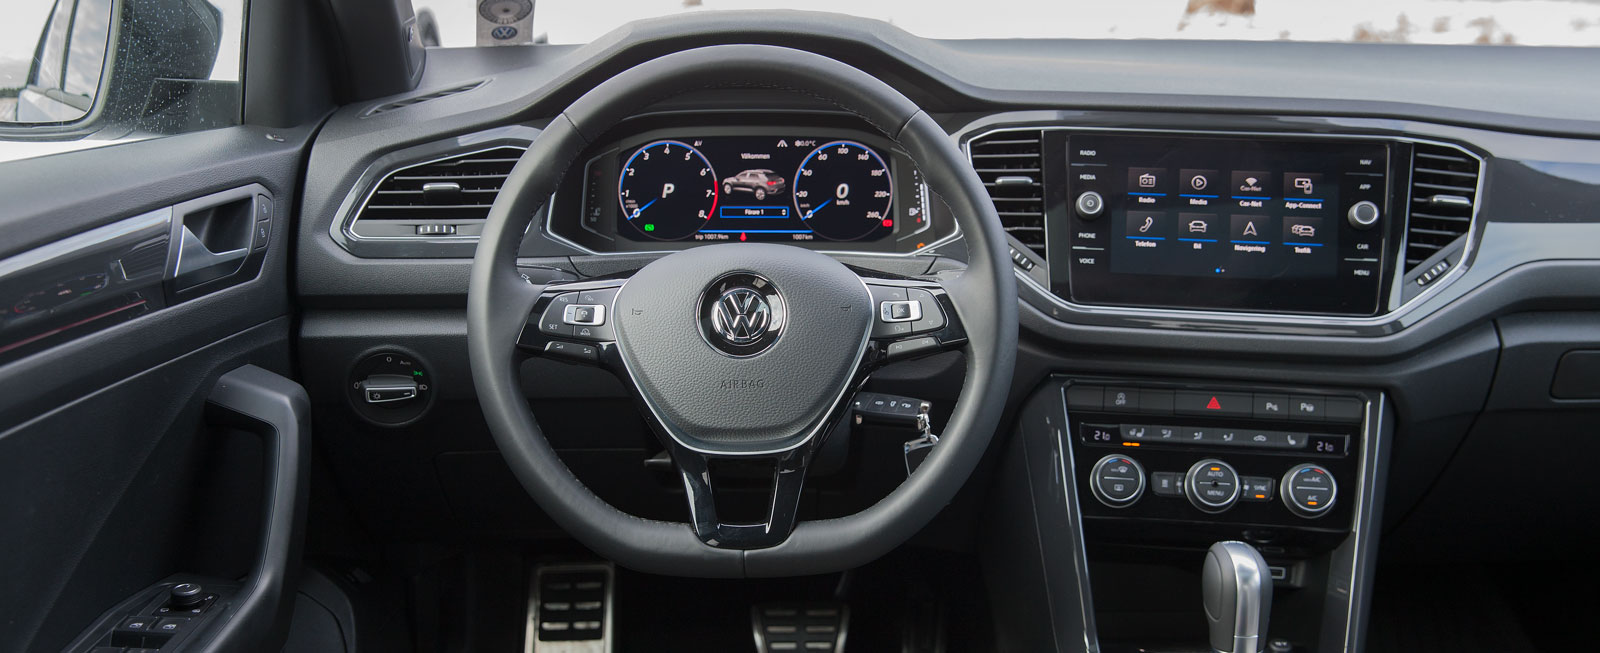 Bekant VW-stil, med mestadels god ergonomi. Klimatanläggningens panel är placerad långt ned och vissa plastpartier känns billigare än i Golf.